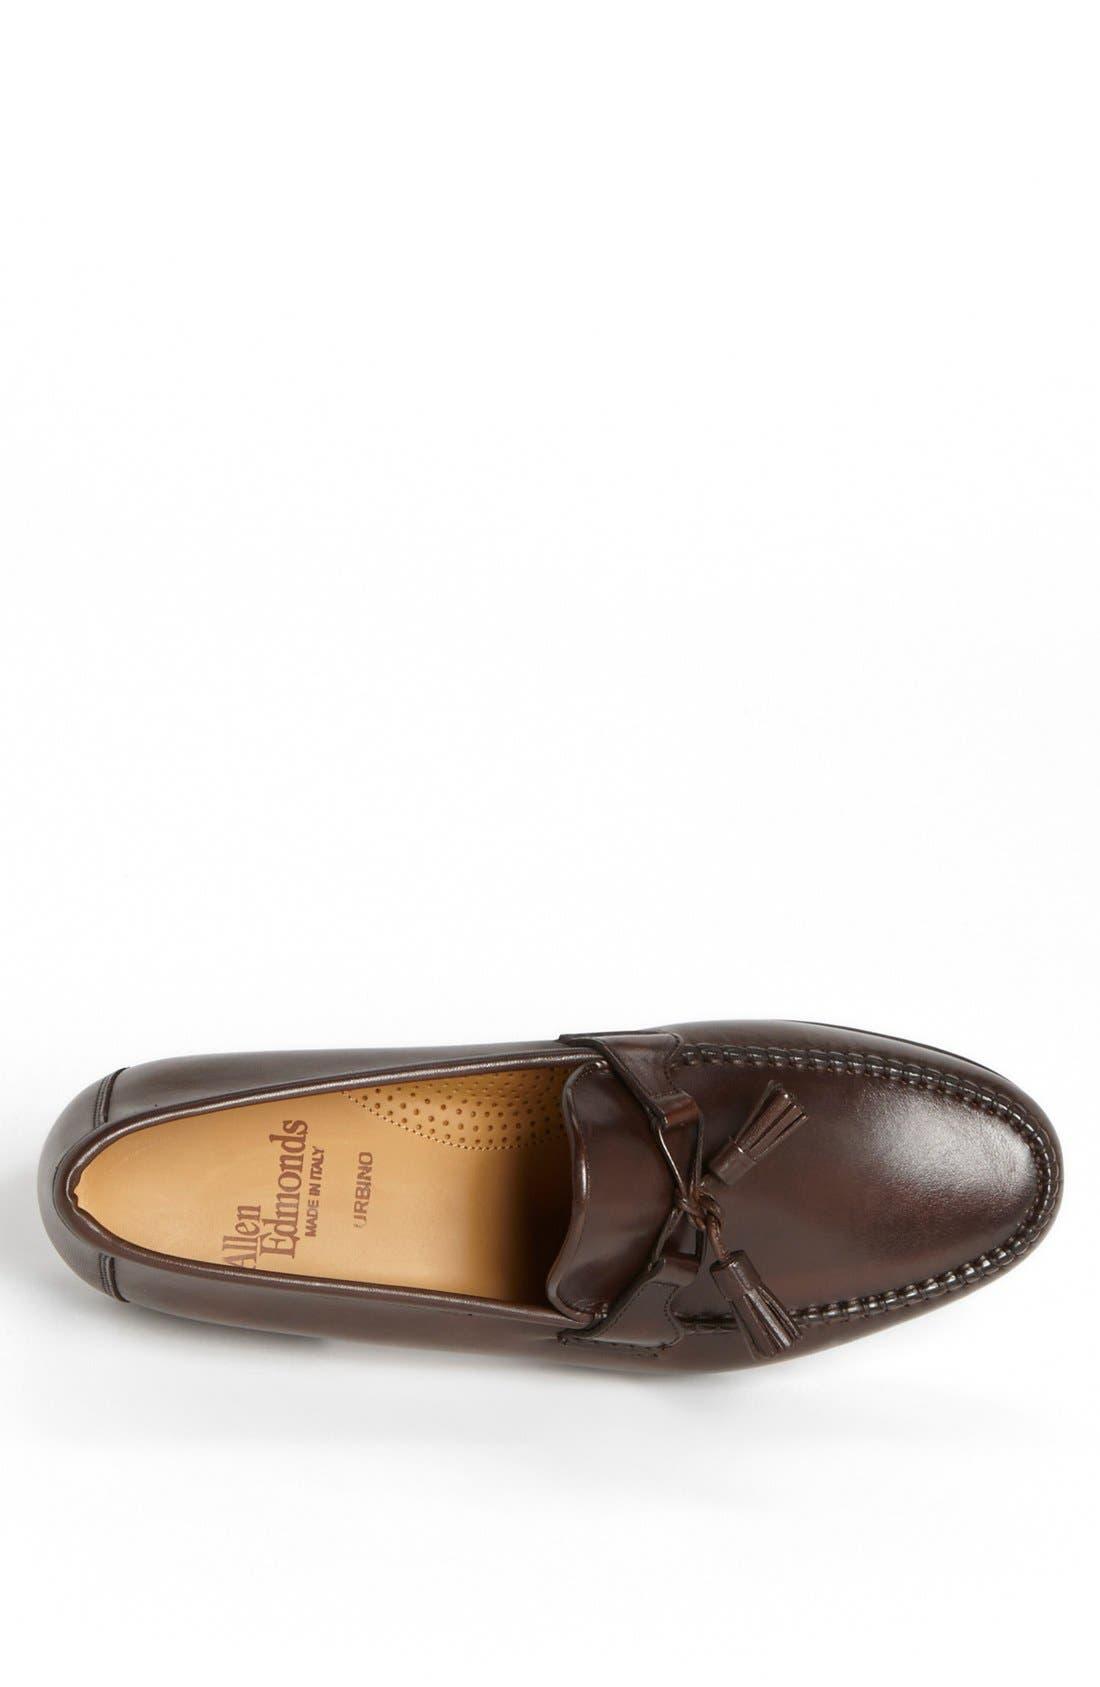 'Urbino' Tassel Loafer,                             Alternate thumbnail 2, color,                             200